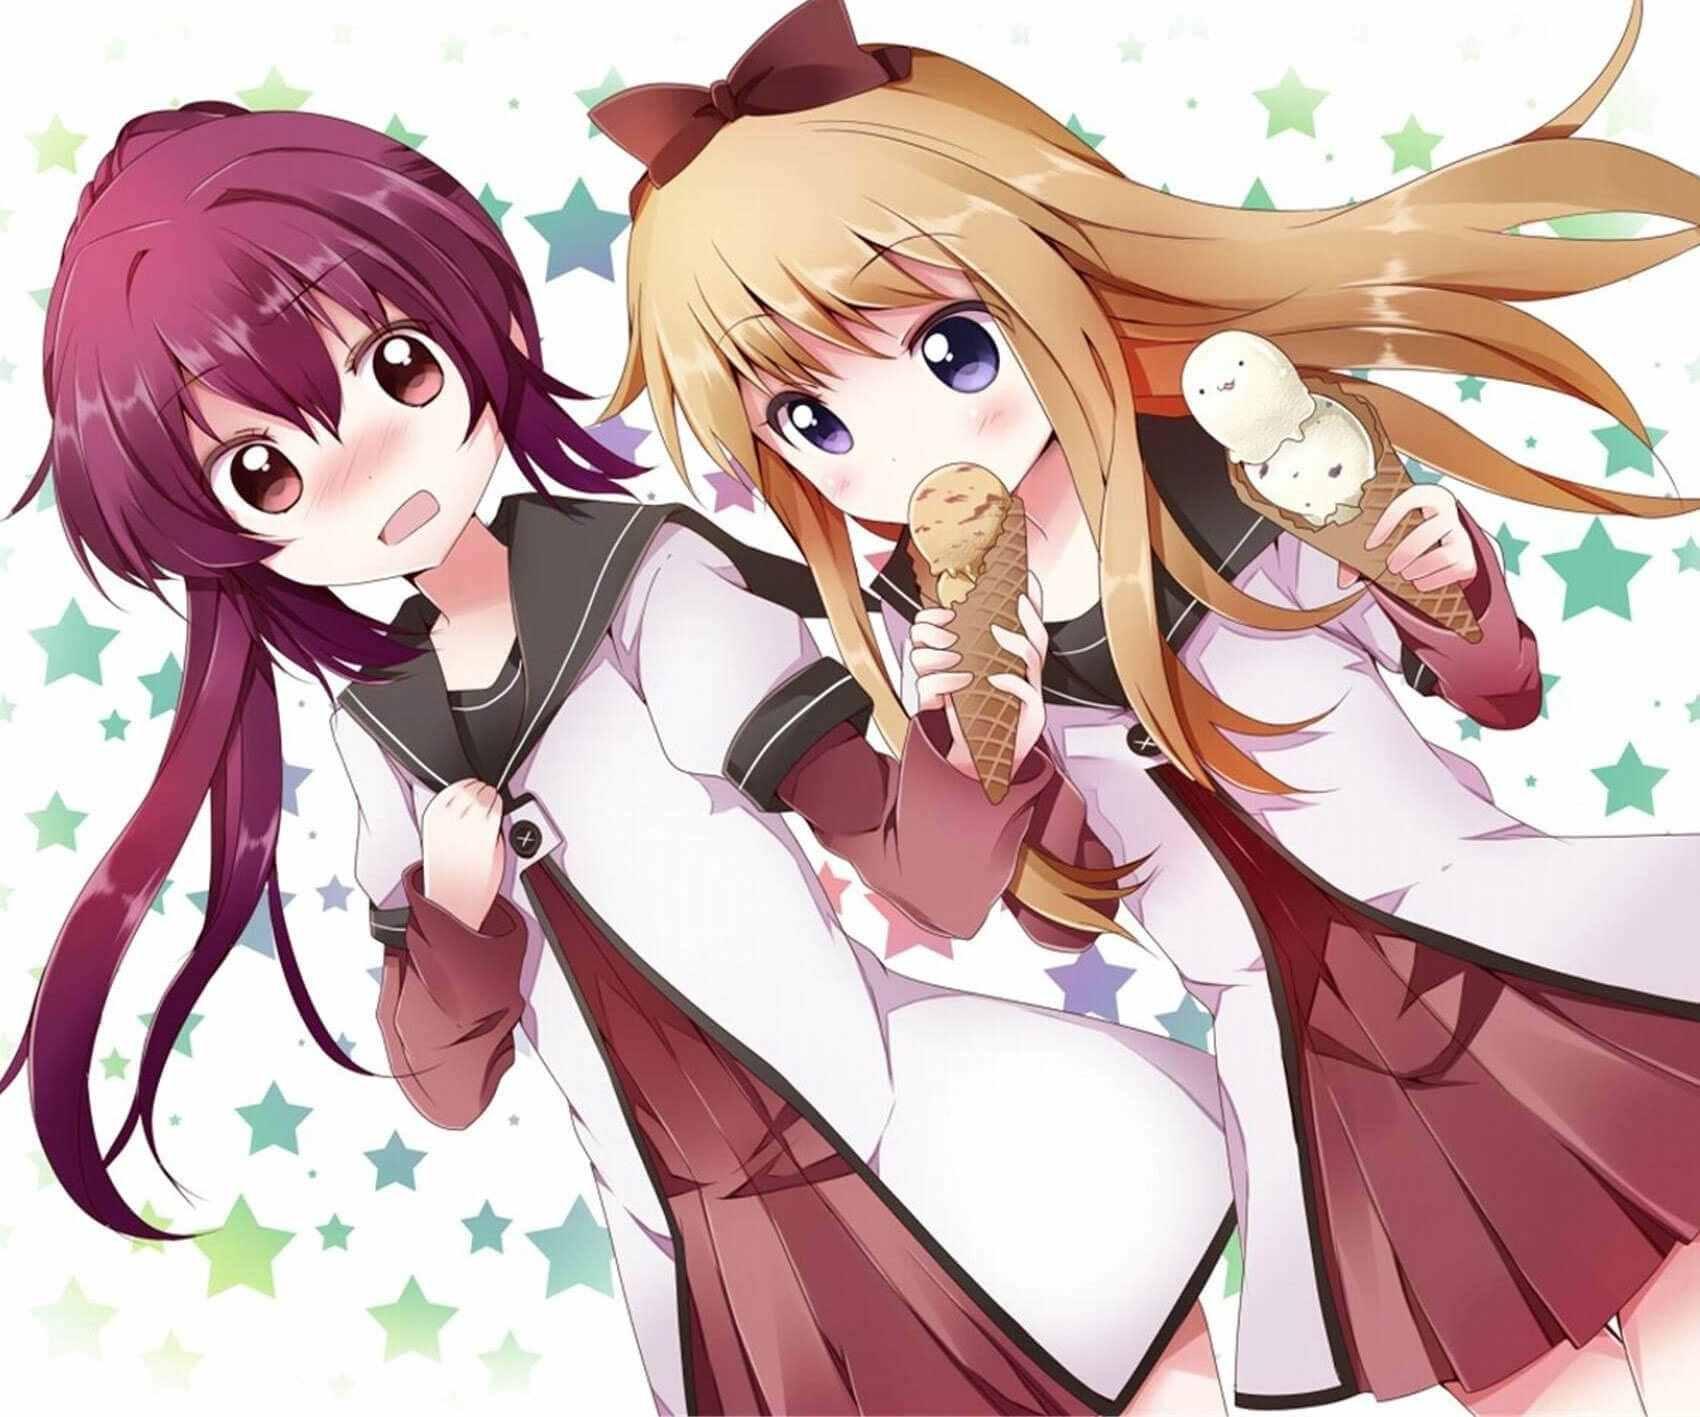 Лучшие аниме аватарки для подруг на всегда 11